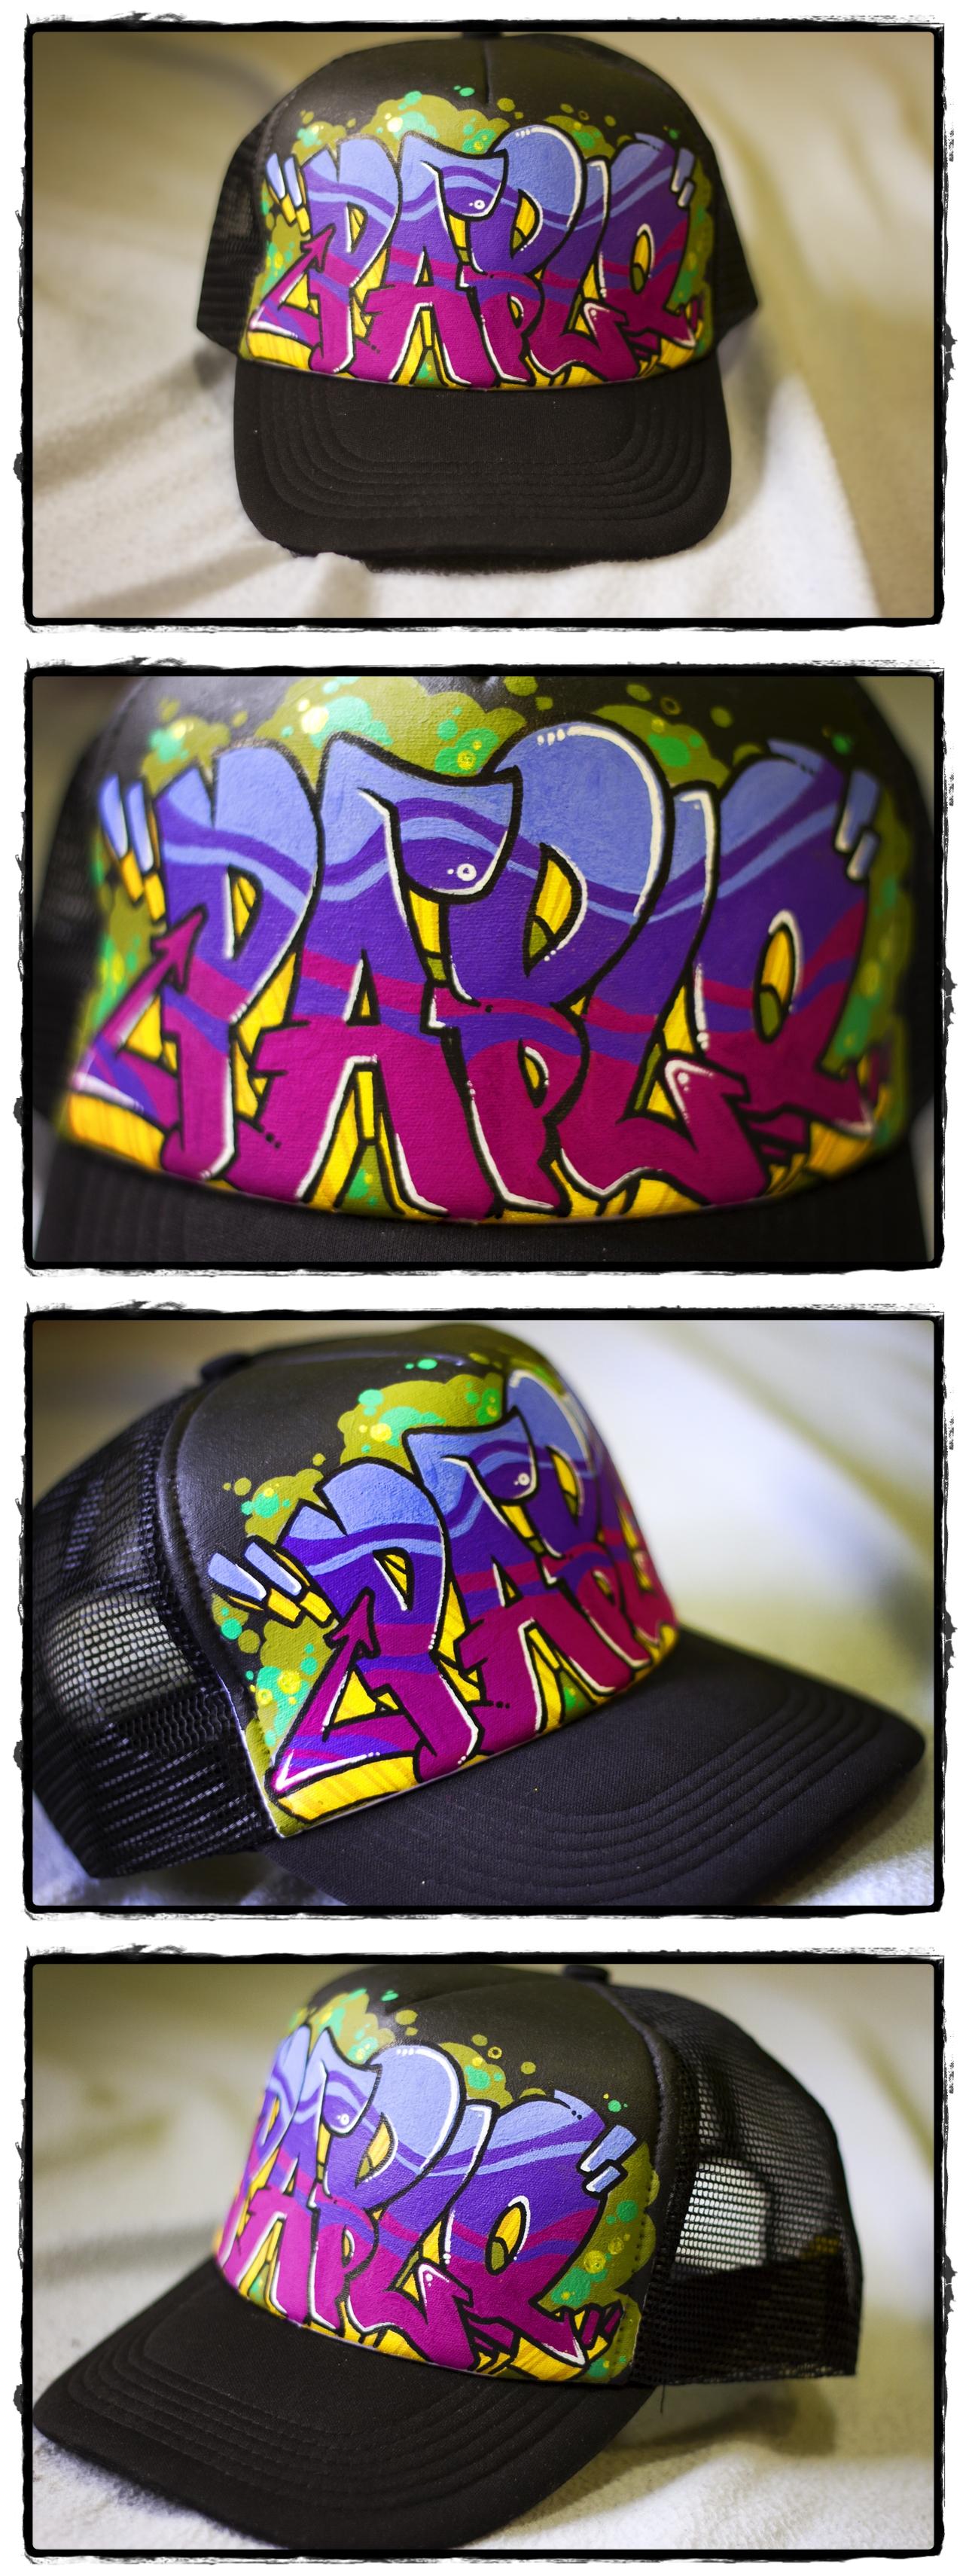 pablo_cap by jois85